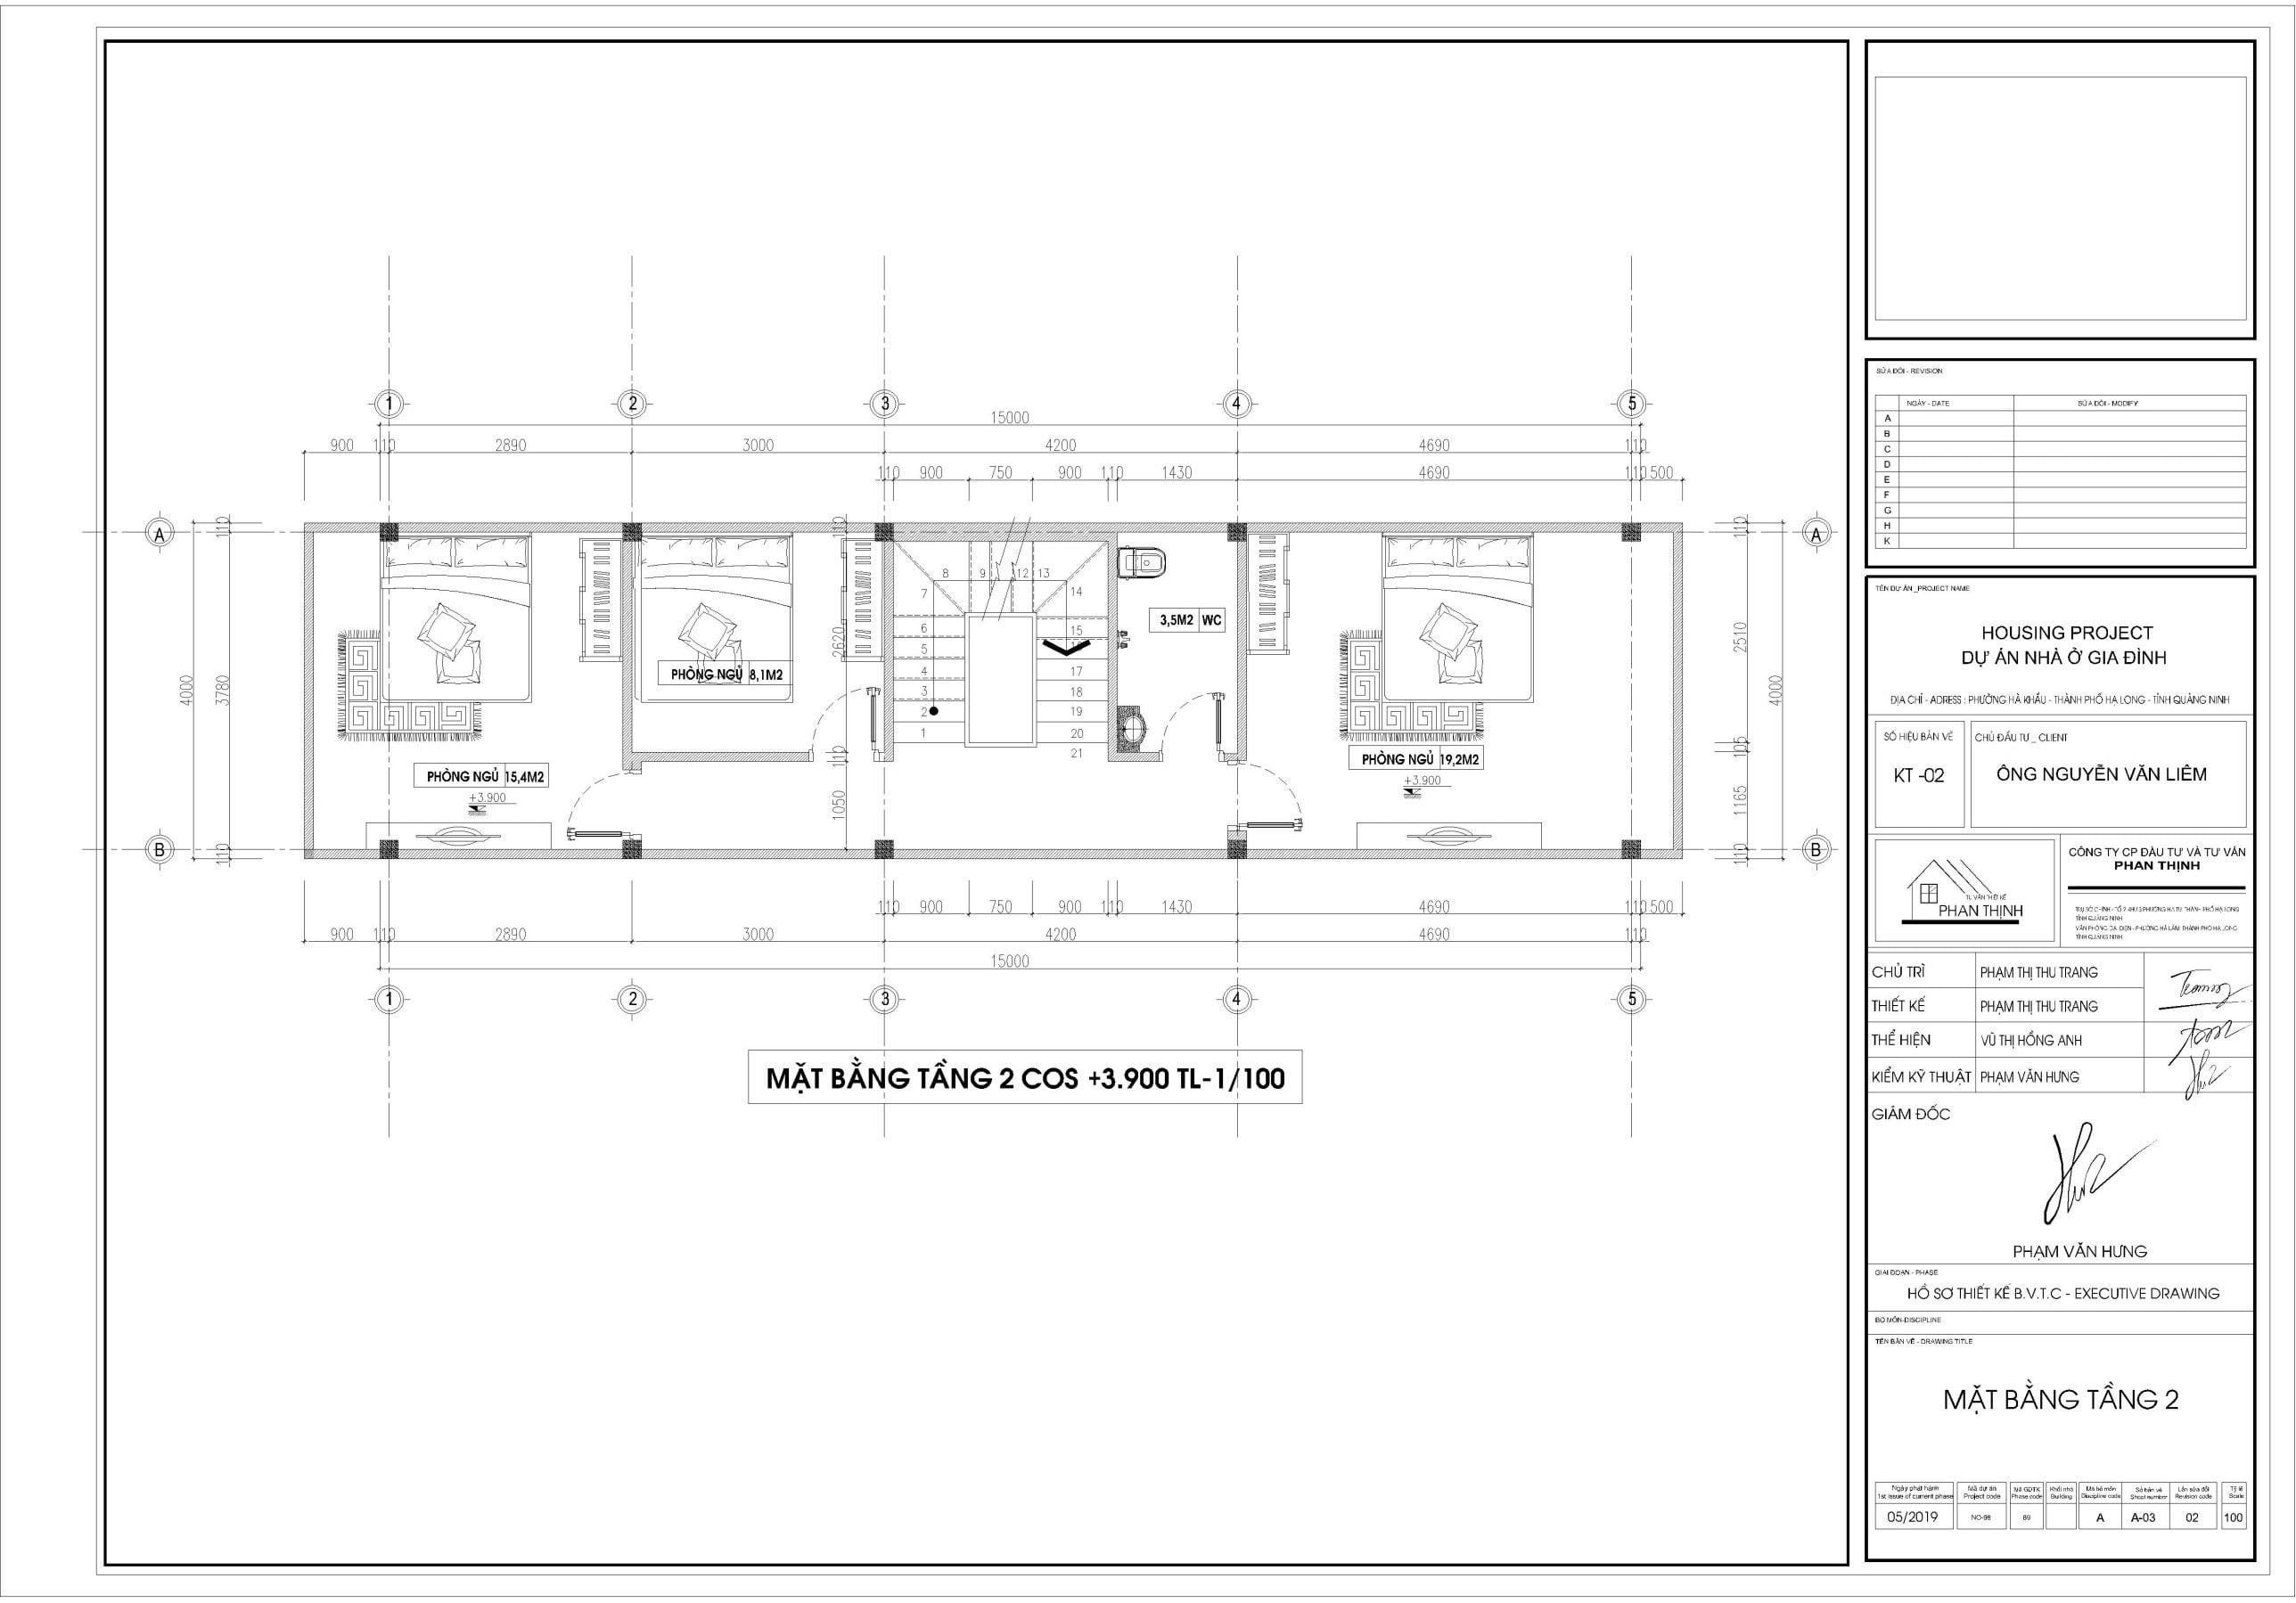 Mặt bằng thiết kế ngôi nhà 3 tầng tại tầng 2.